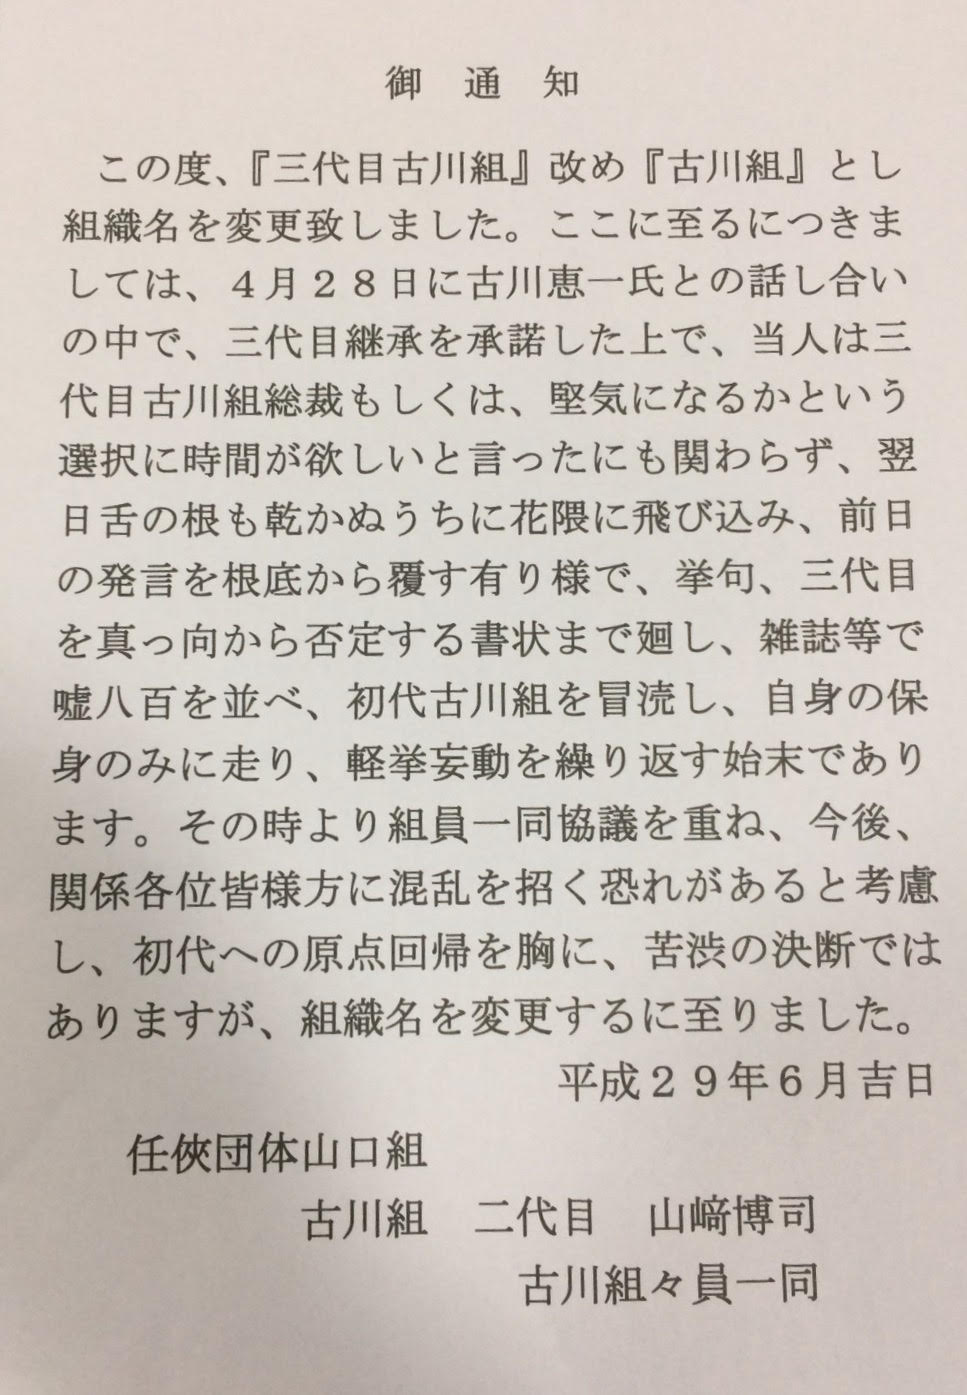 山口組 古川 神戸